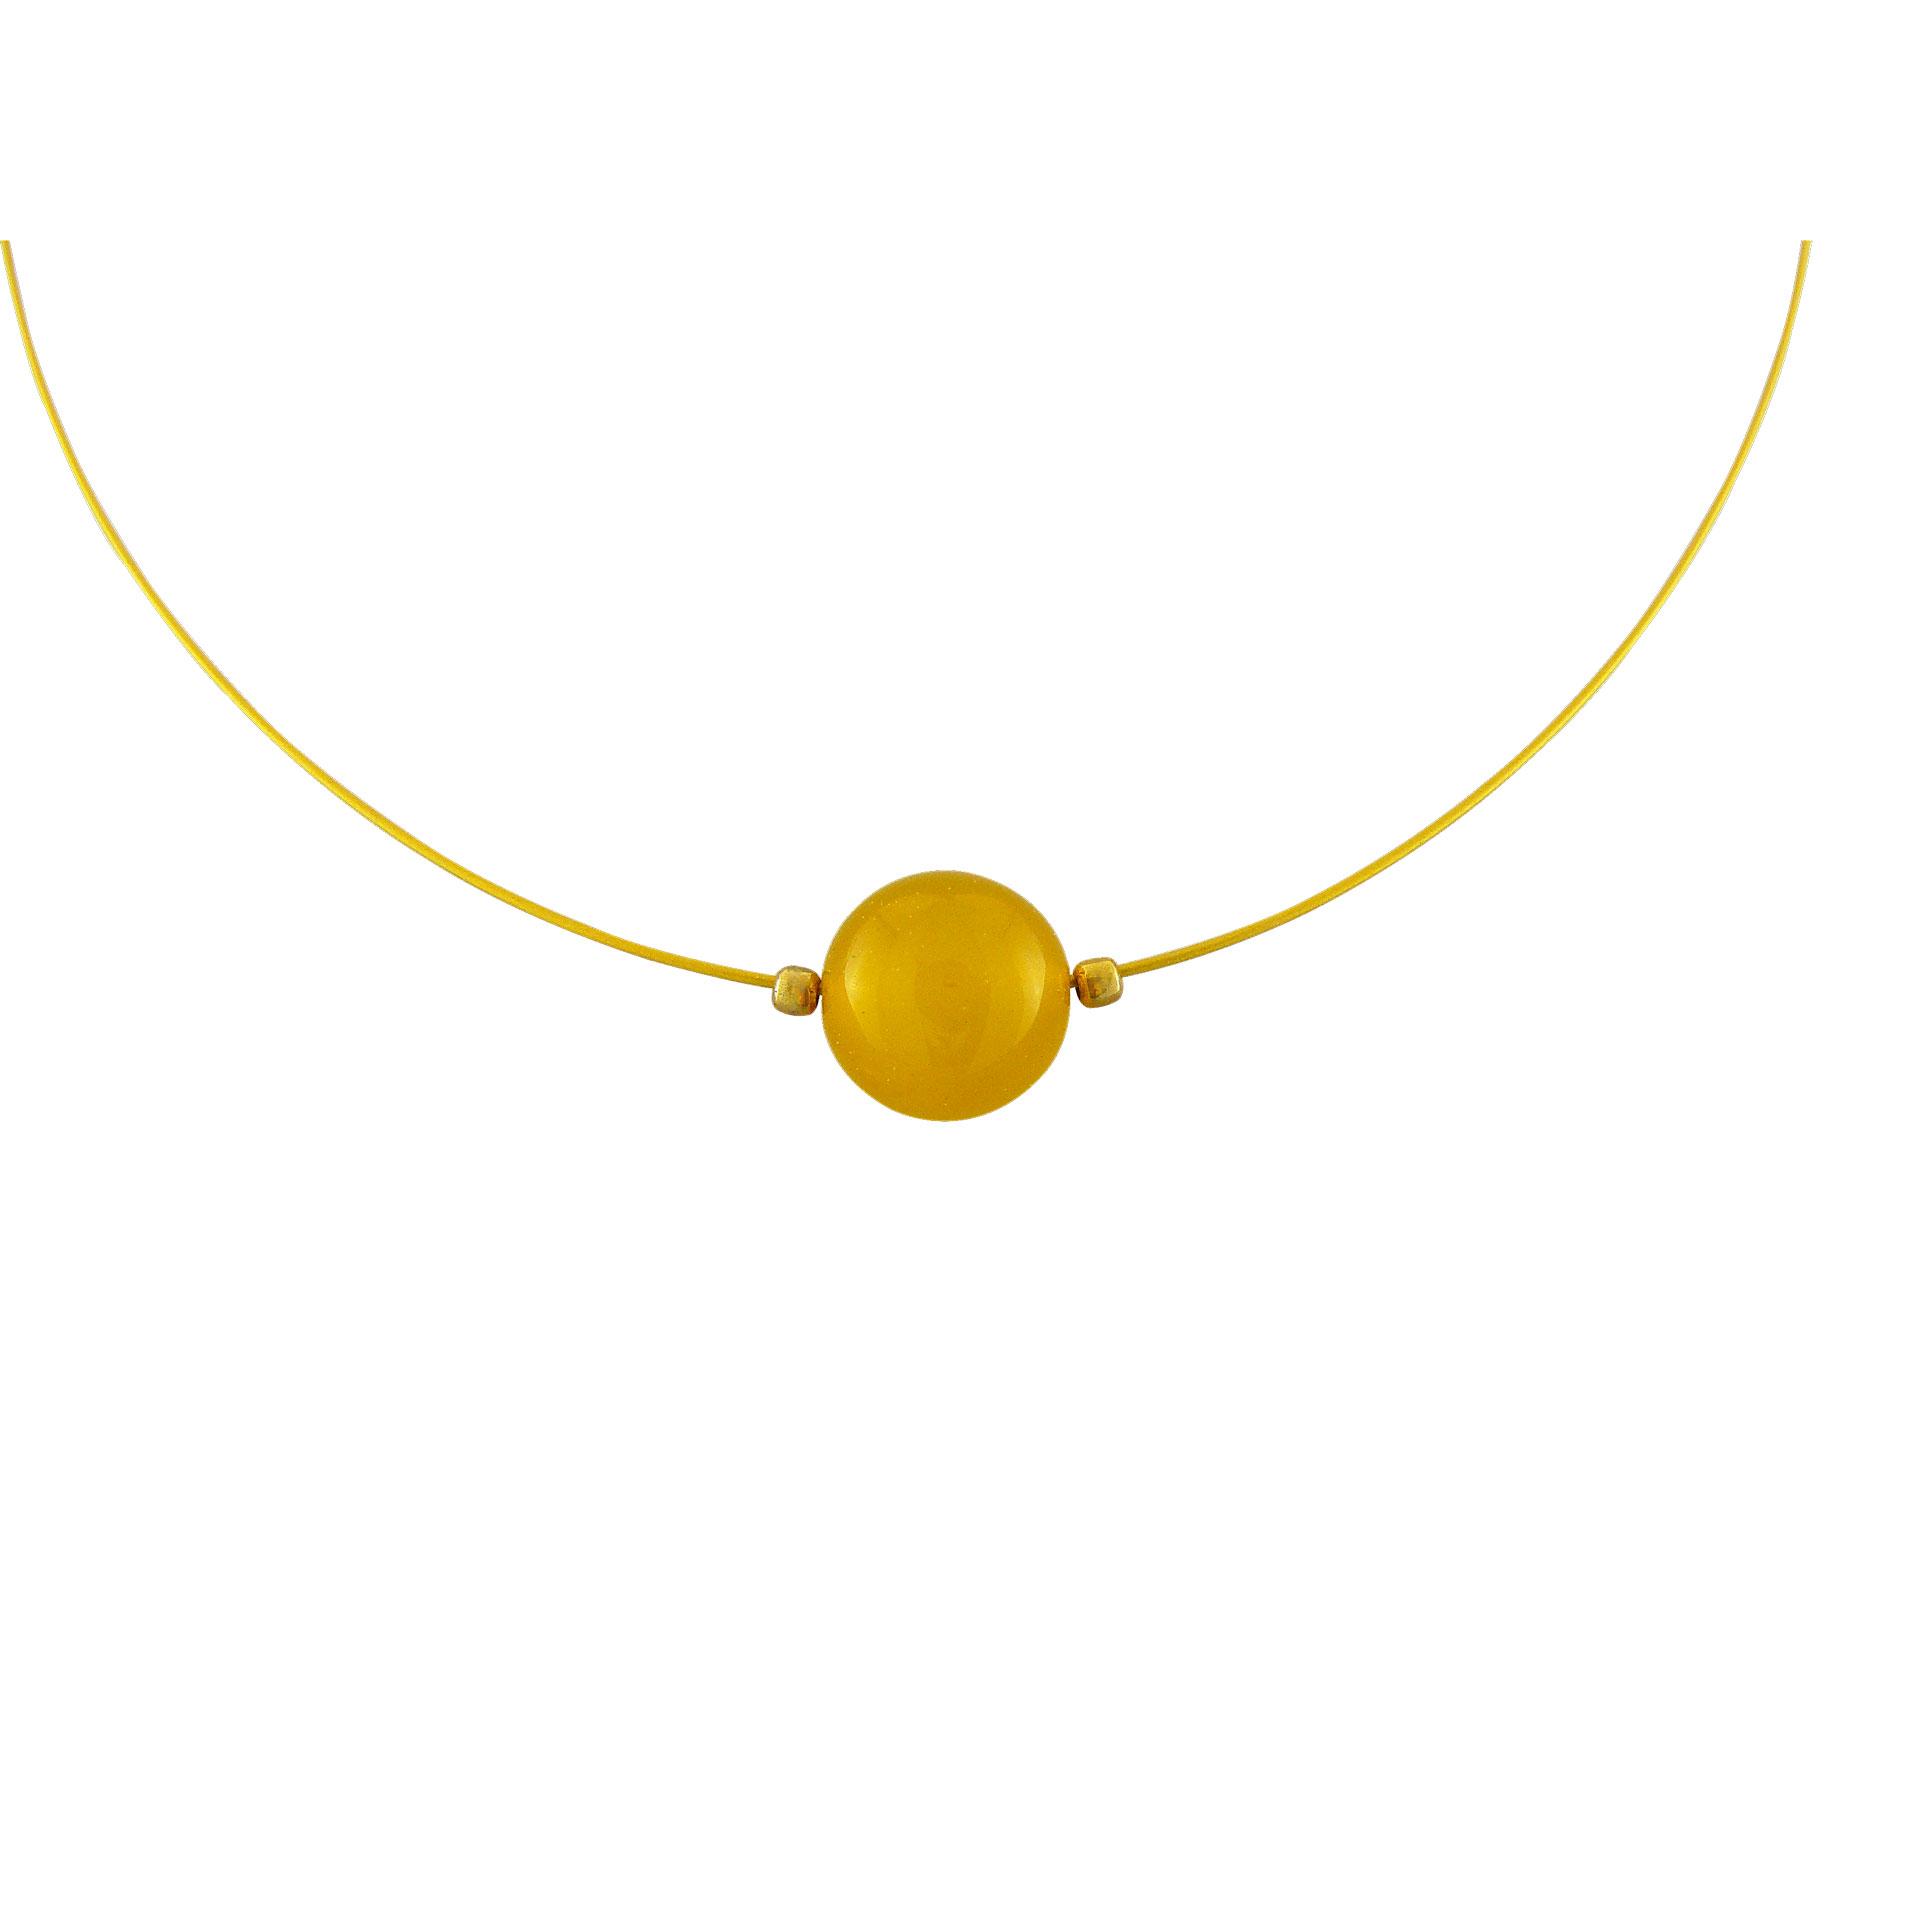 Γυναικείο Μεταγίον με Κιτρίνη - Ενεργειακή Πέτρα της Ελπίδας - (Silver 925°)